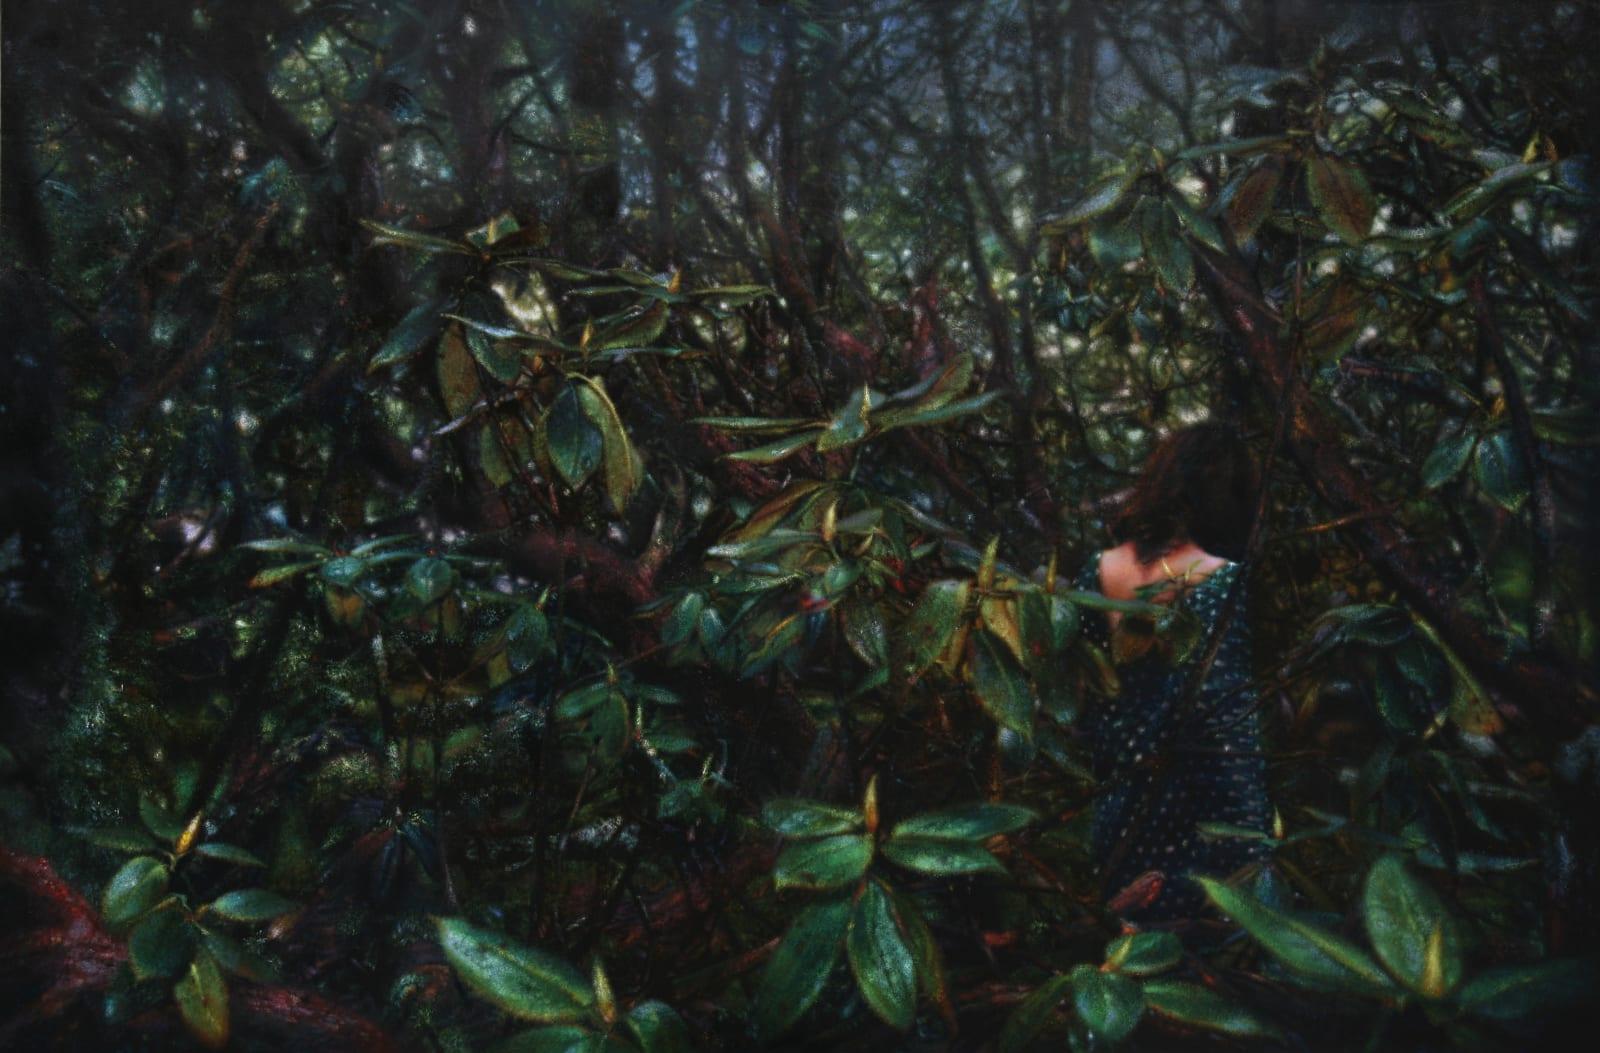 Jiang Chuan 姜川, Spirit of Life 生命中的精靈, 2012